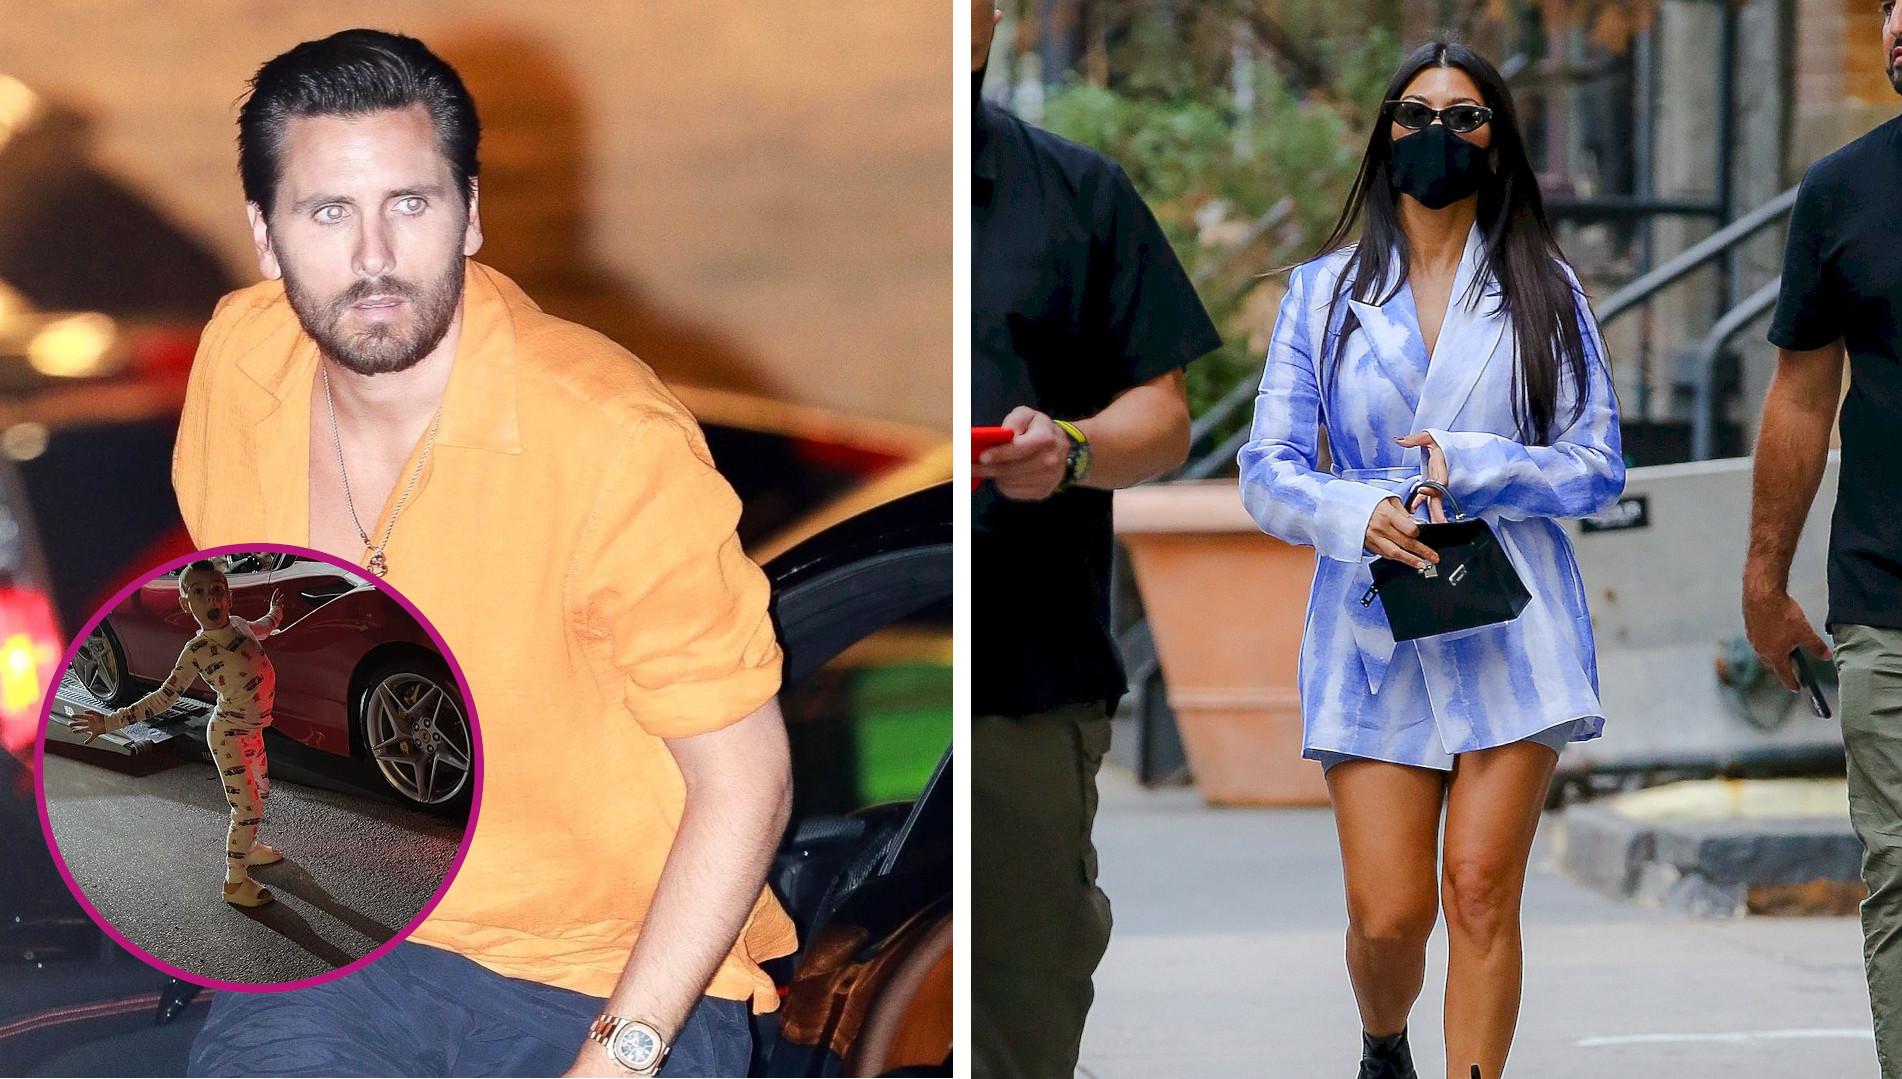 WOW! Syn Kourtney Kardashian ma nową fryzurę! Urocze zdjęcie z pieskiem